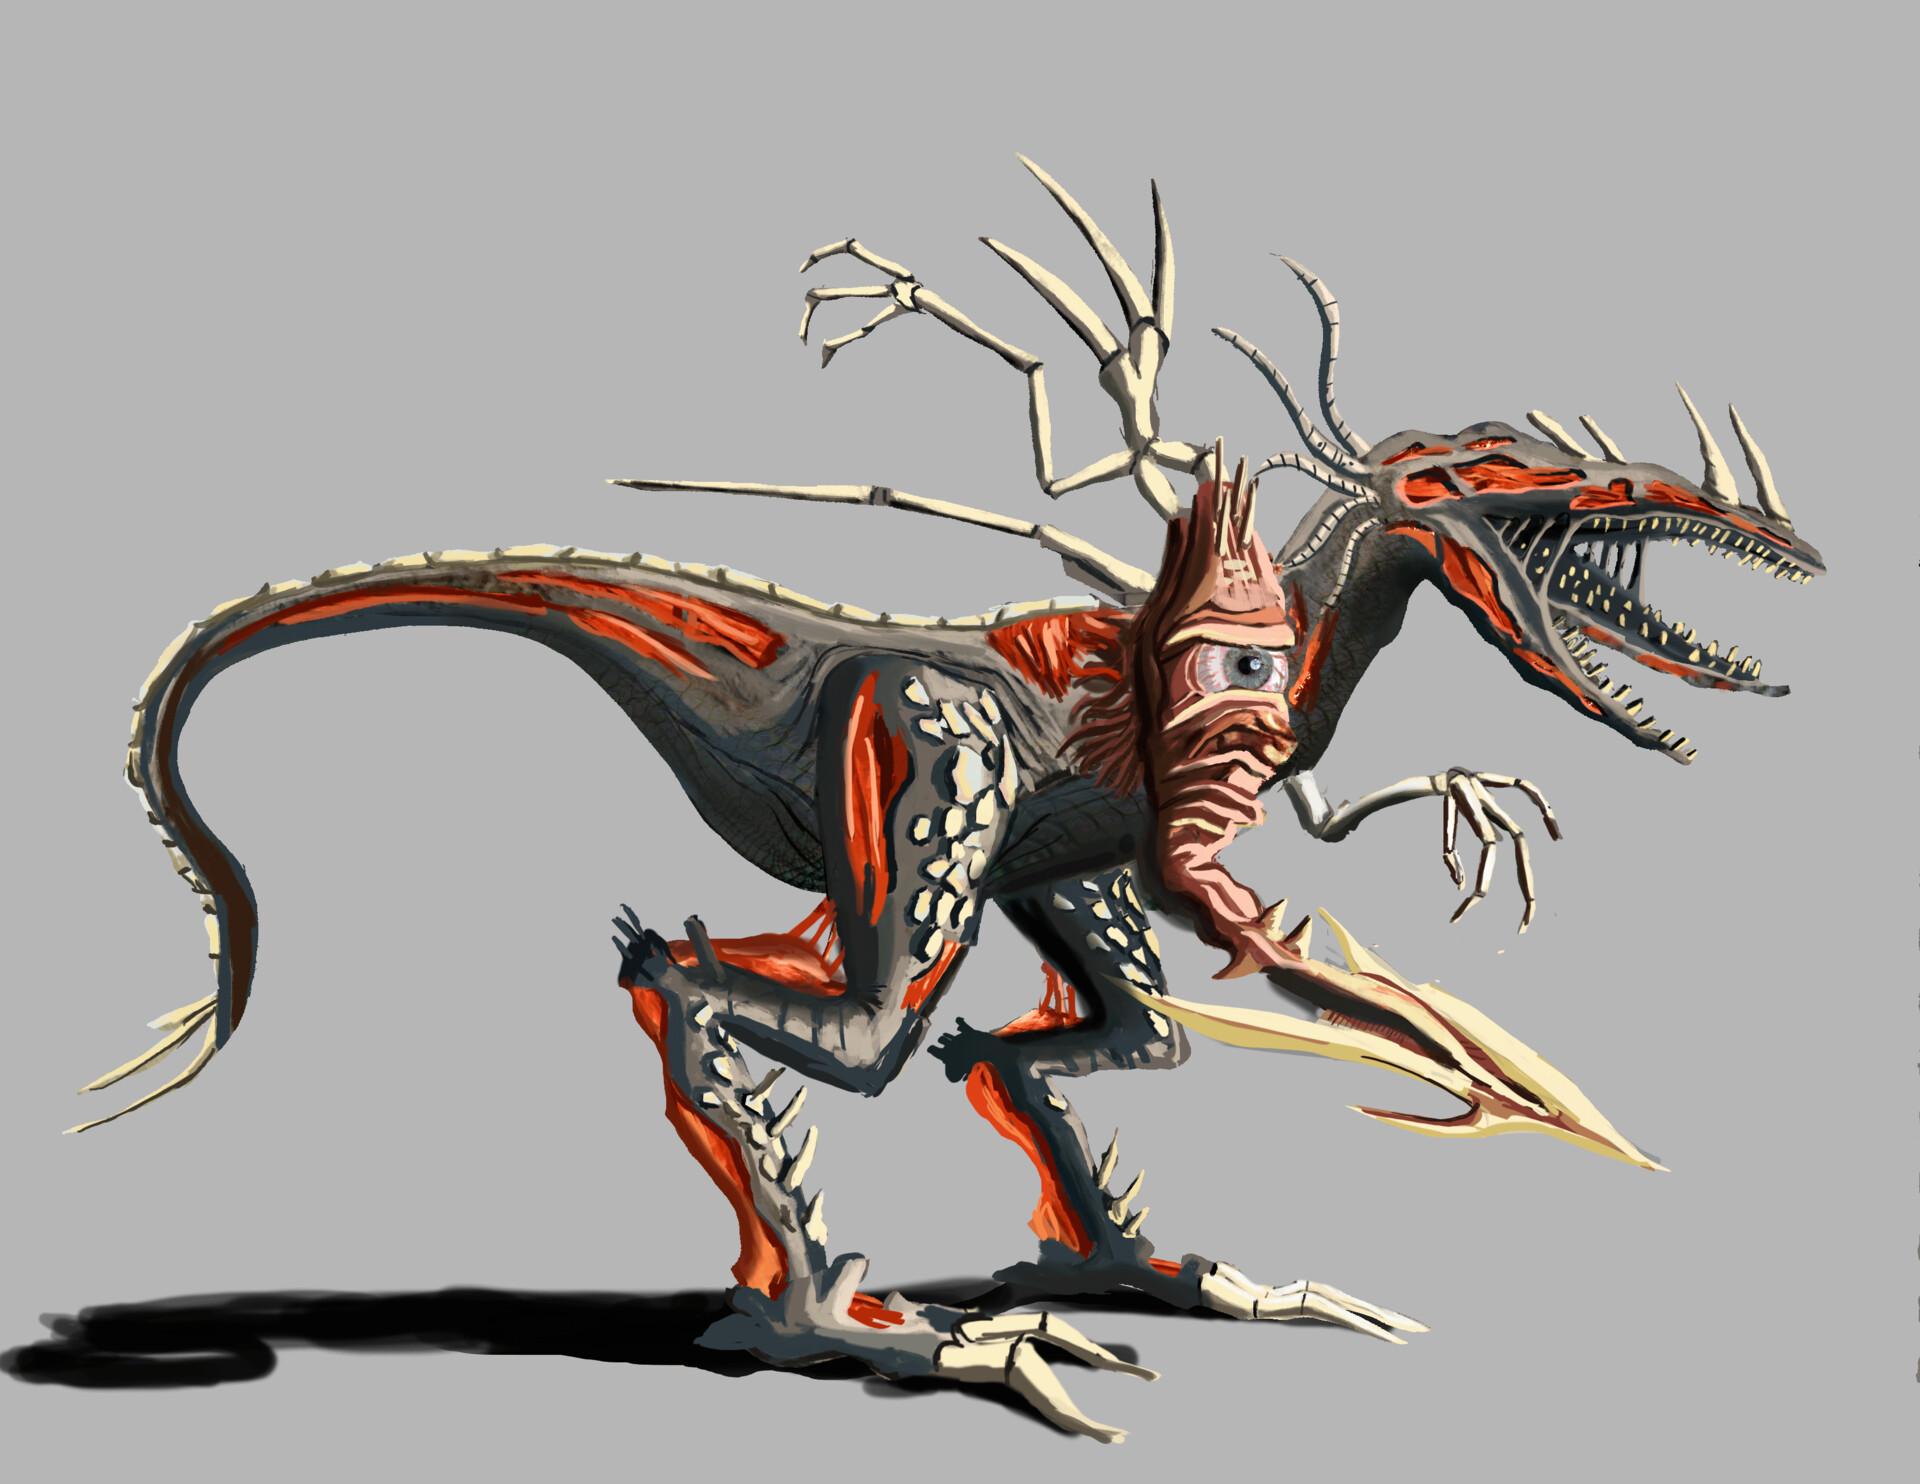 Ricardo Moreno Zombie Dinosaur Los dinosaurios son vertebrados saurópsidos que dominaron los ecosistemas terrestres del mesozoico durante unos 160 millones de años, alcanzando una gran diversidad y, algunos, tamaños gigantescos. ricardo moreno zombie dinosaur